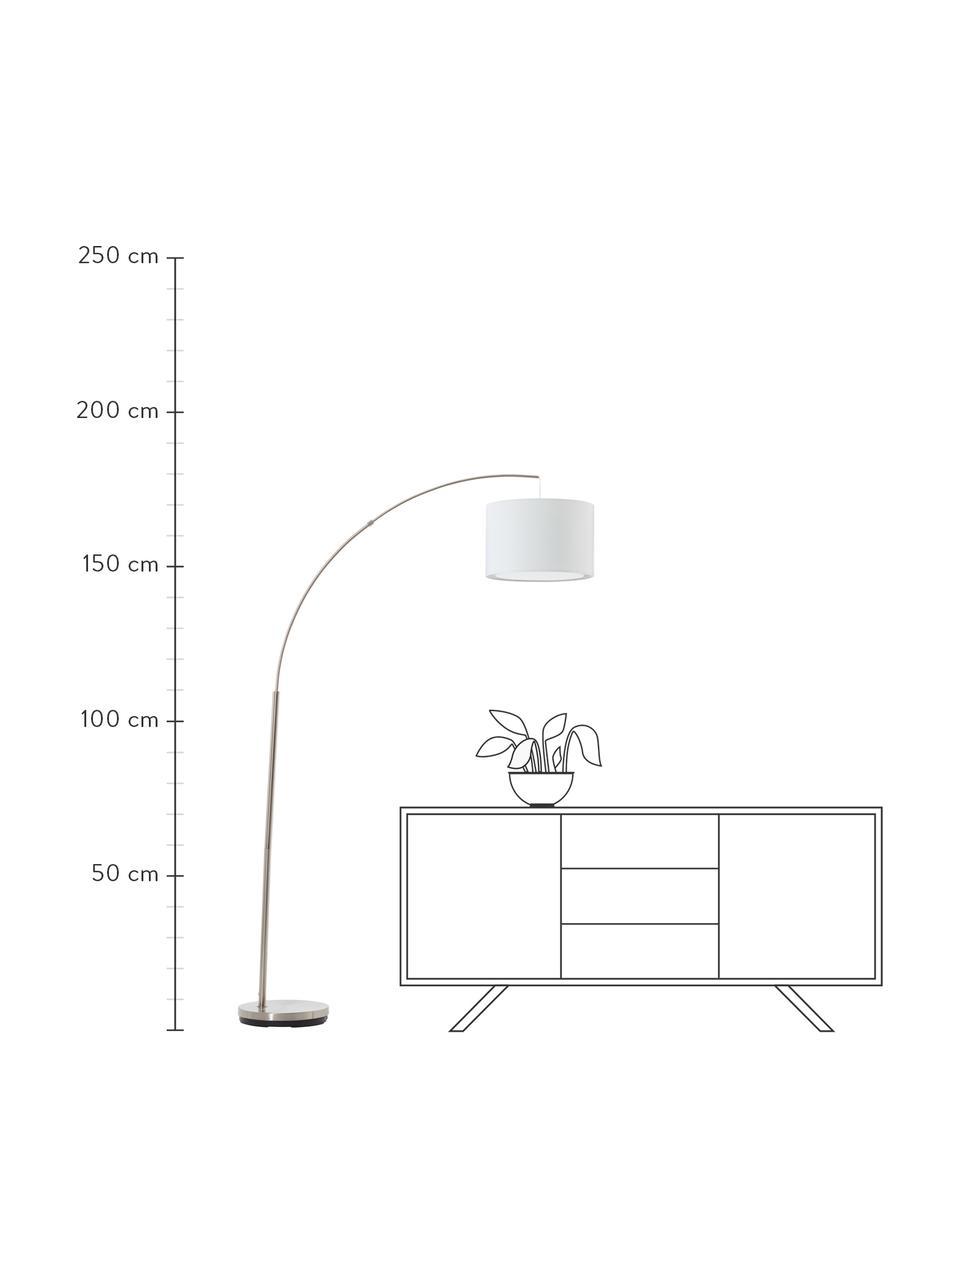 Große Bogenlampe Clarie in Chrom, Lampenschirm: Textil, Lampenfuß: Metall, gebürstet, Weiß, Silberfarben, 113 x 180 cm